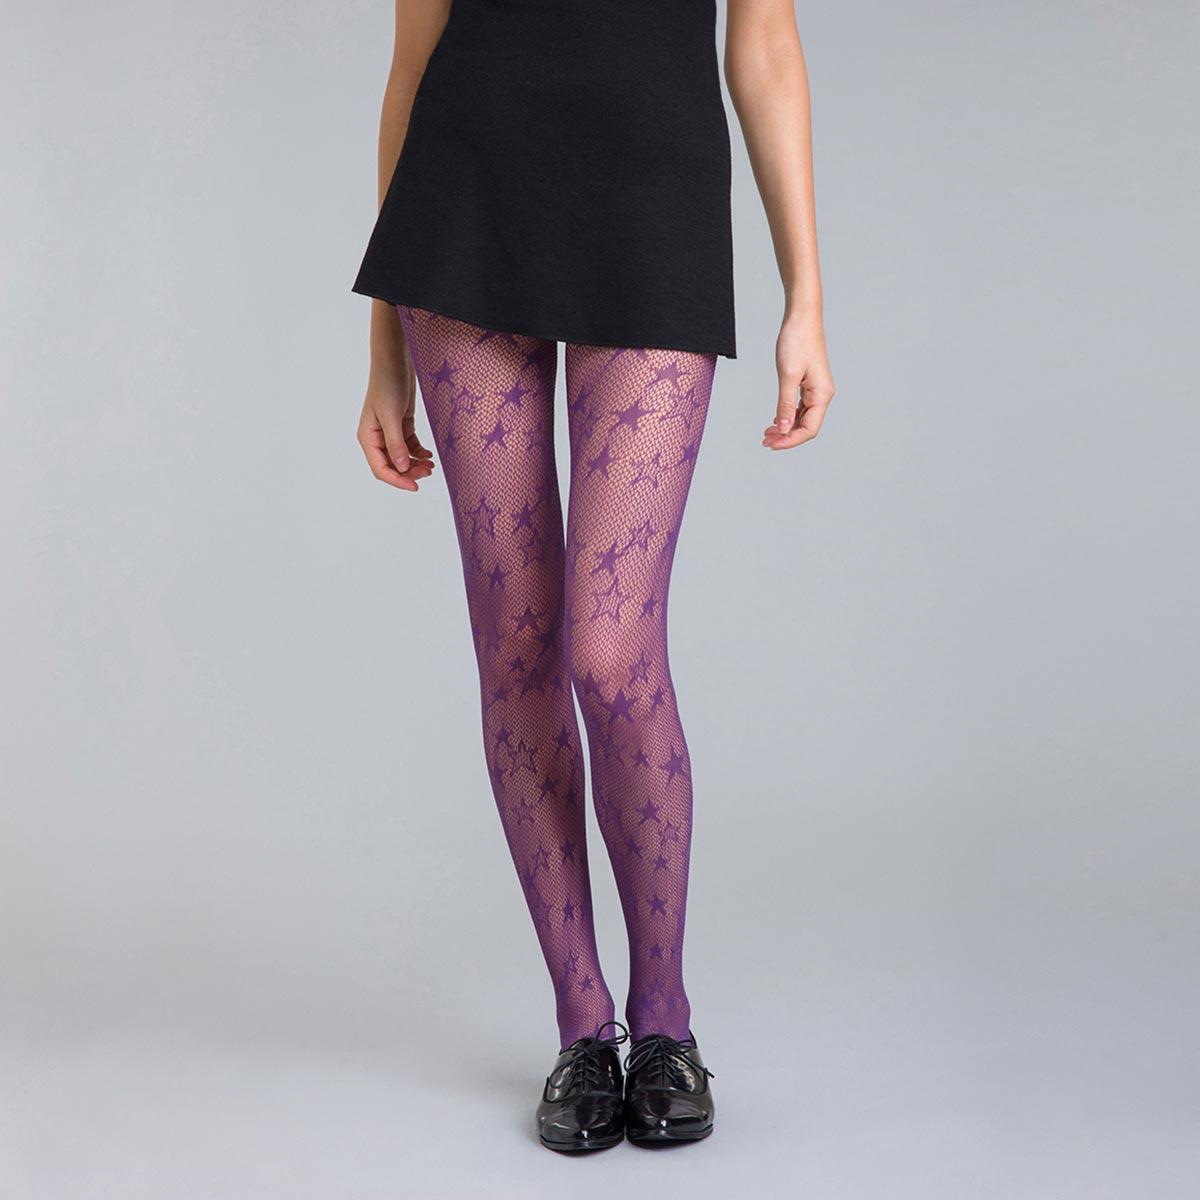 Collant résille étoile violet nocturne 73D Style